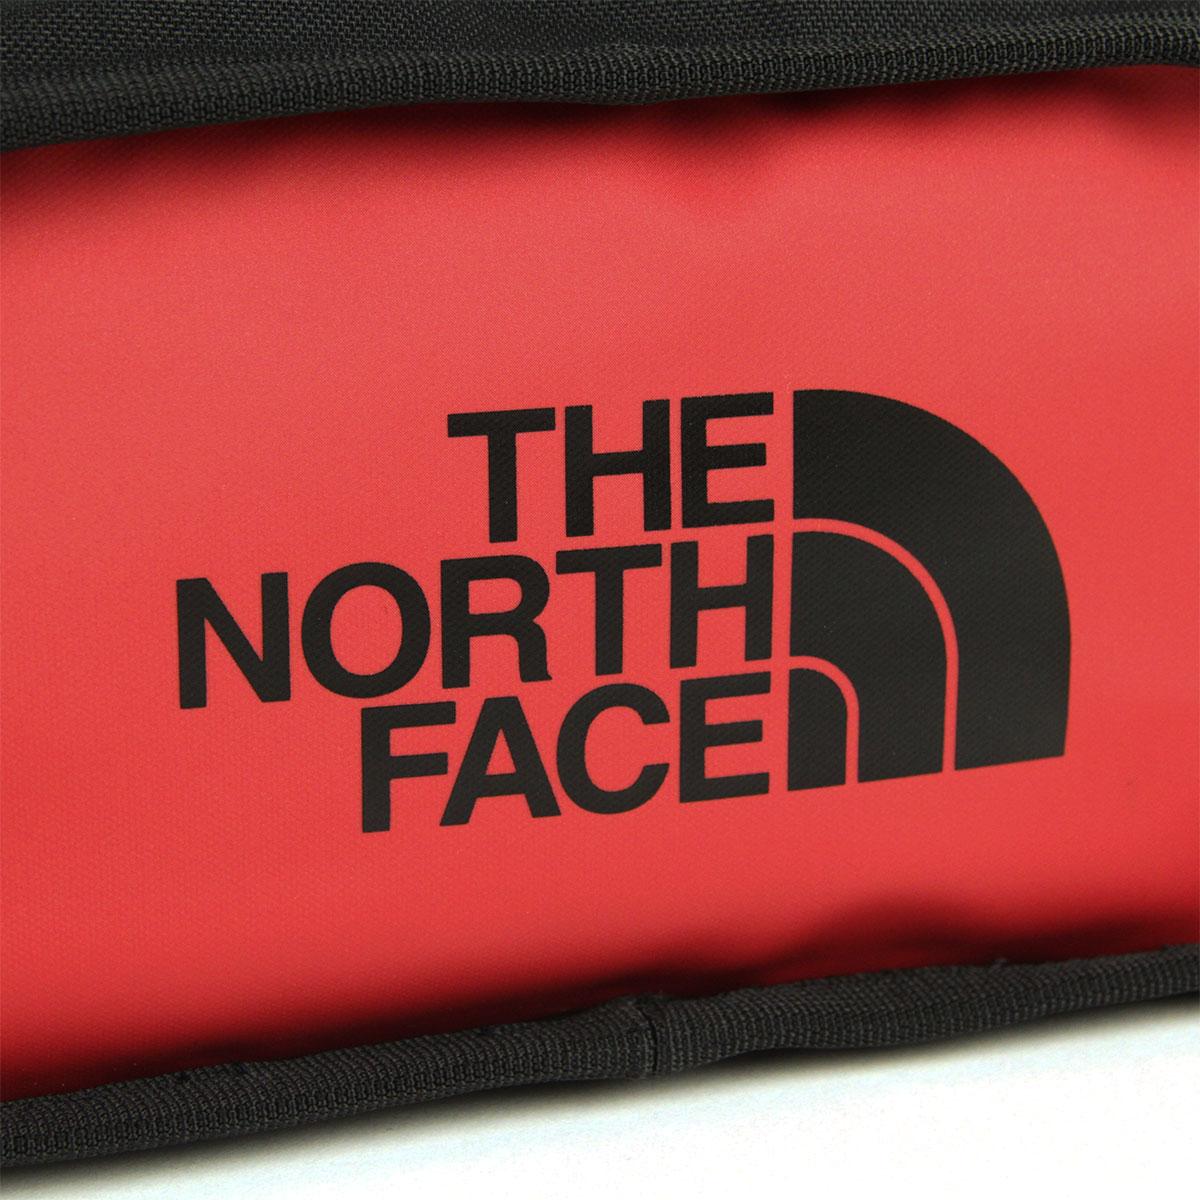 ノースフェイス バッグ メンズ レディース 正規品 THE NORTH FACE エクスプローラーヒップパック ボディーバッグ EXPLORE HIP PACK NF0A3KZX TNF RED-TNF BLACK A14B B3C C8D D4E E13F